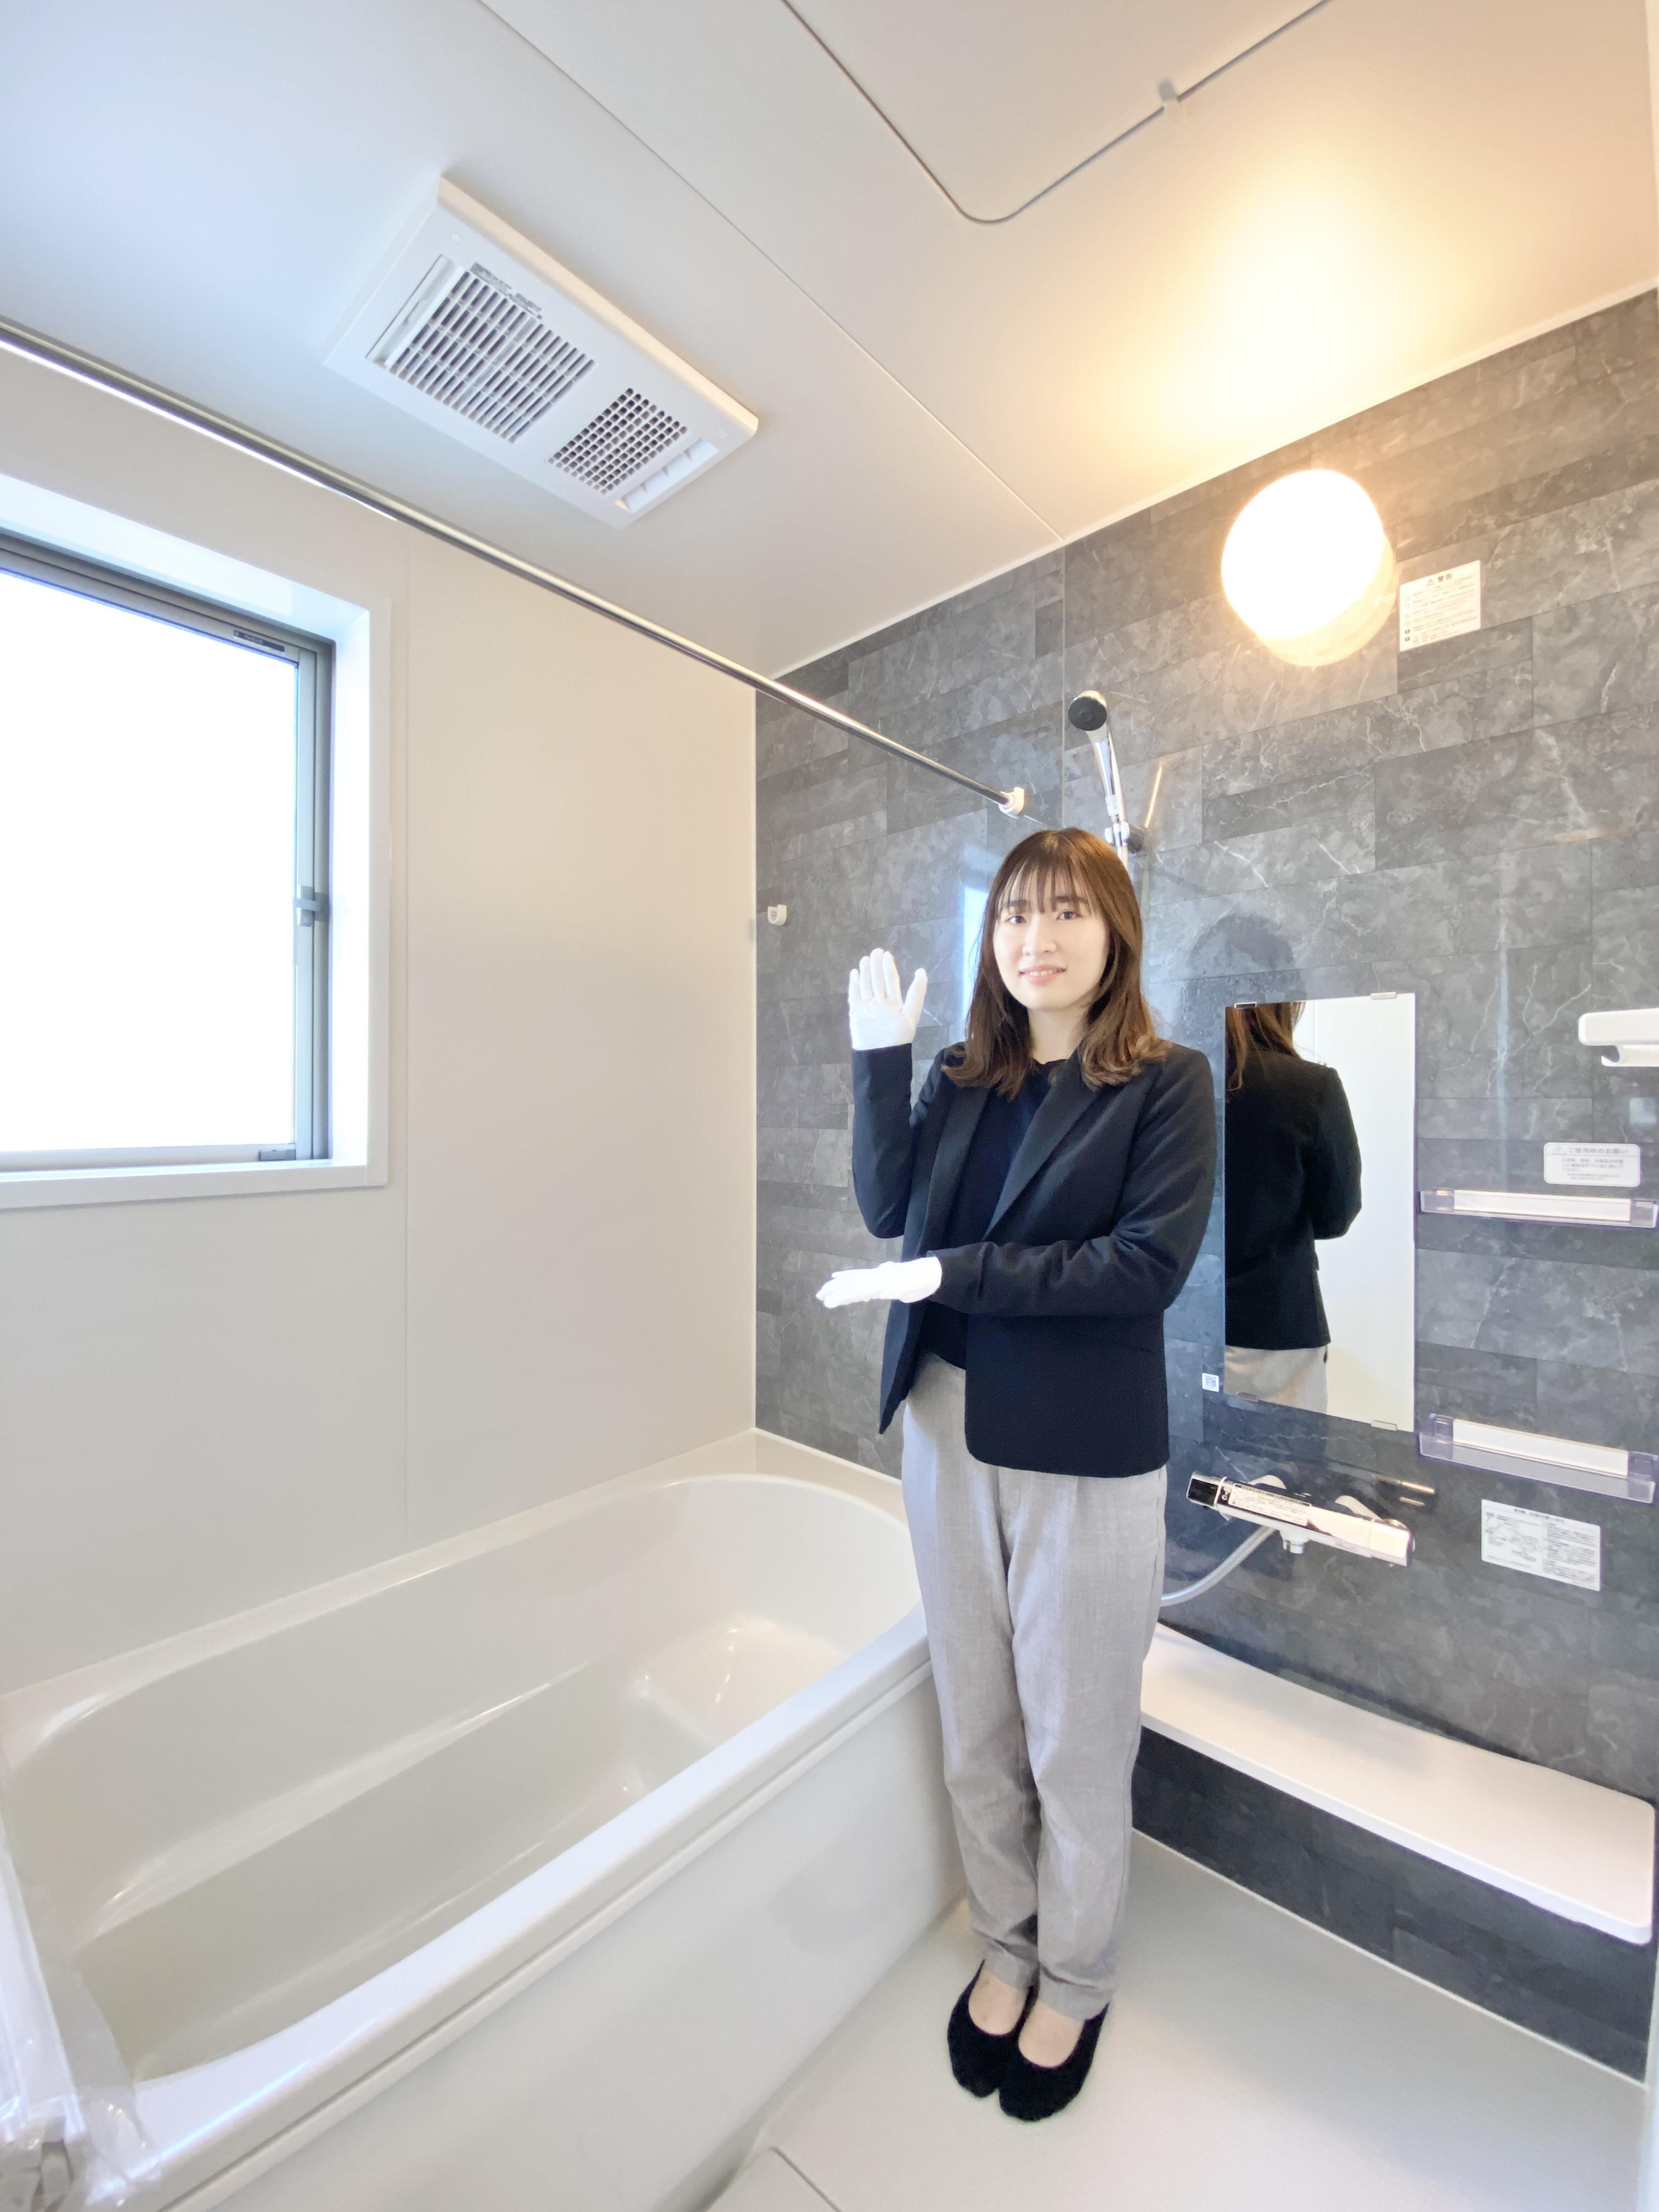 冬場もあったか、浴室乾燥暖房機付きです。雨の日でも洗濯物を乾かすことができ便利です。*